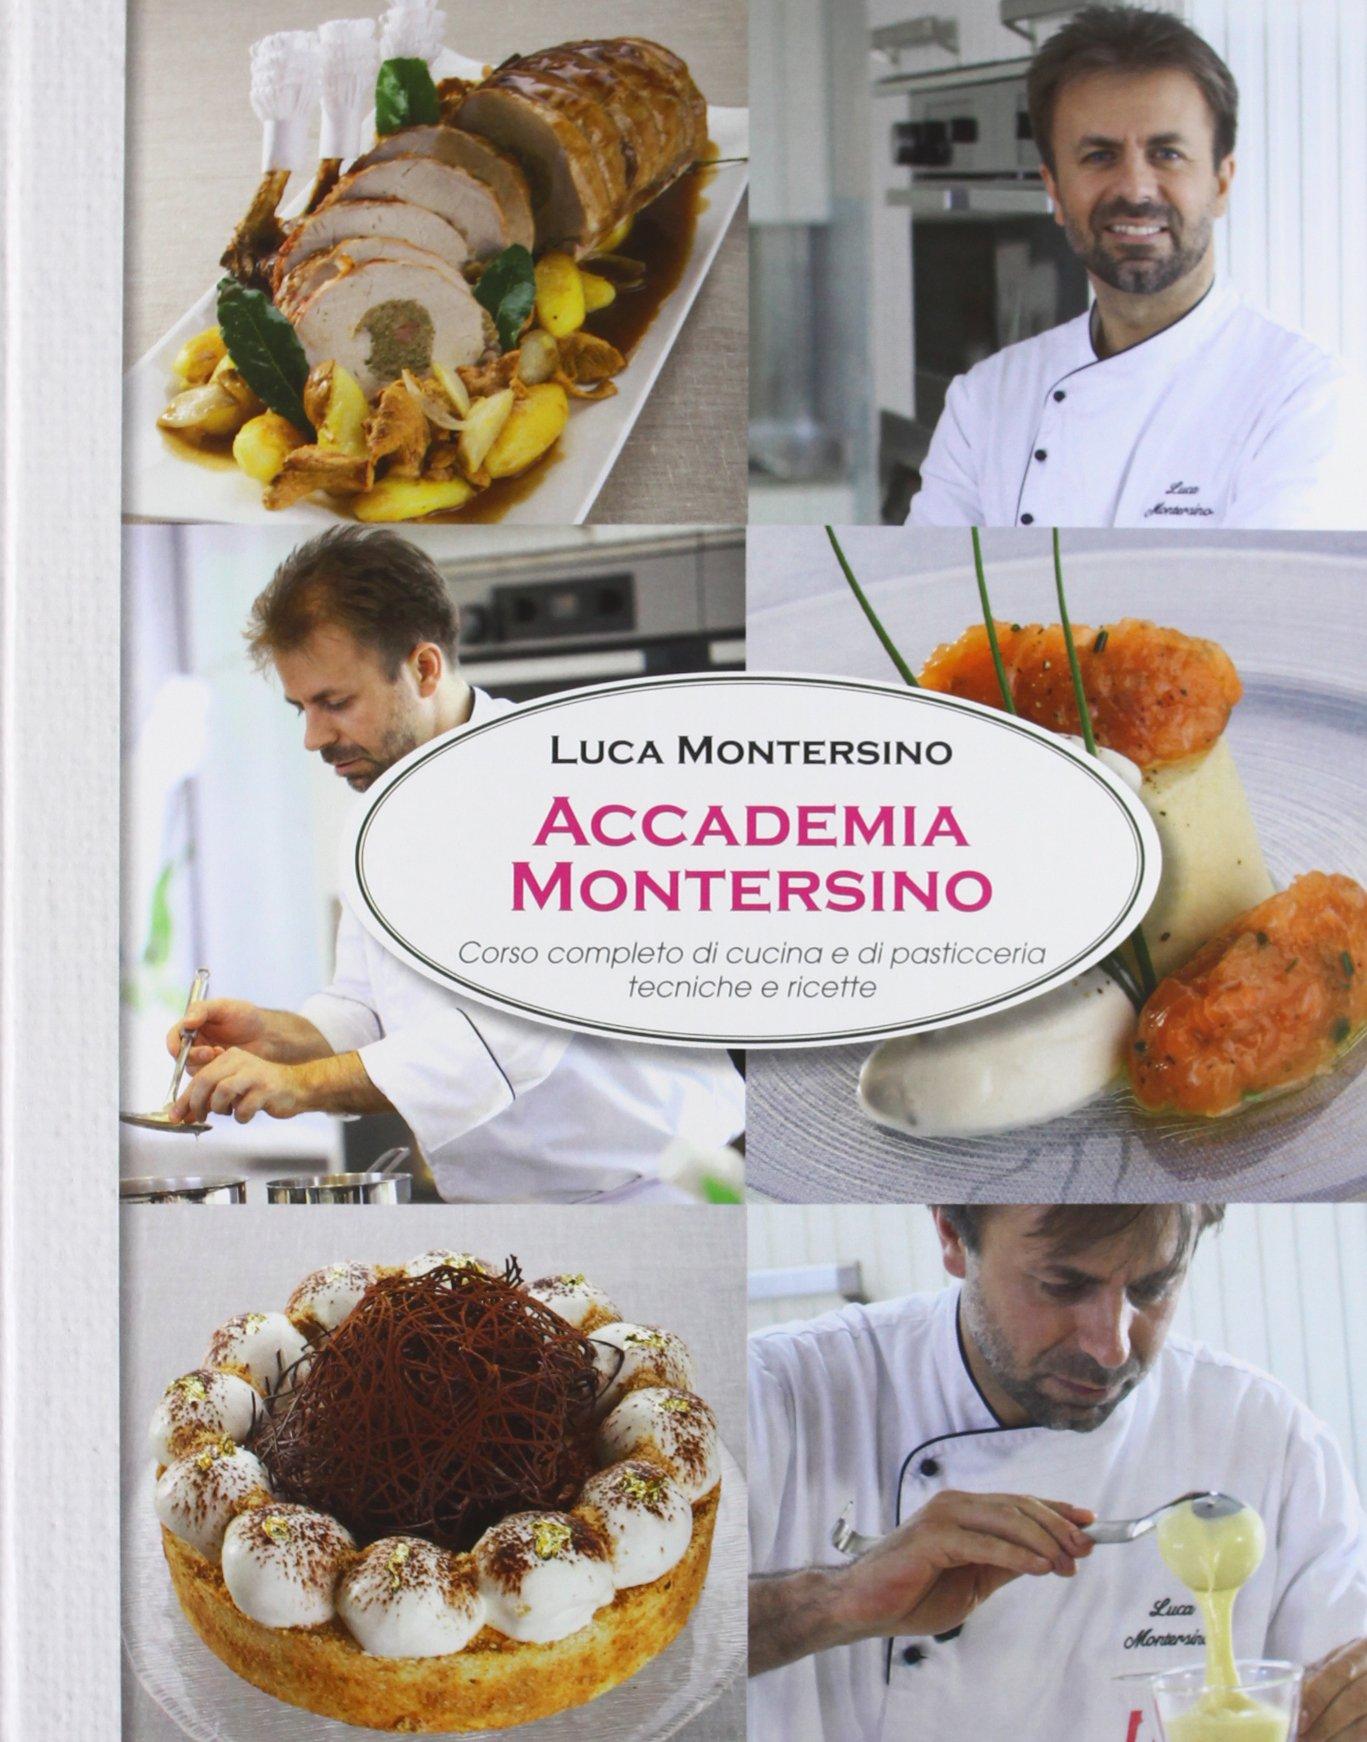 Amazonit Accademia Montersino Corso Completo Di Cucina E Di